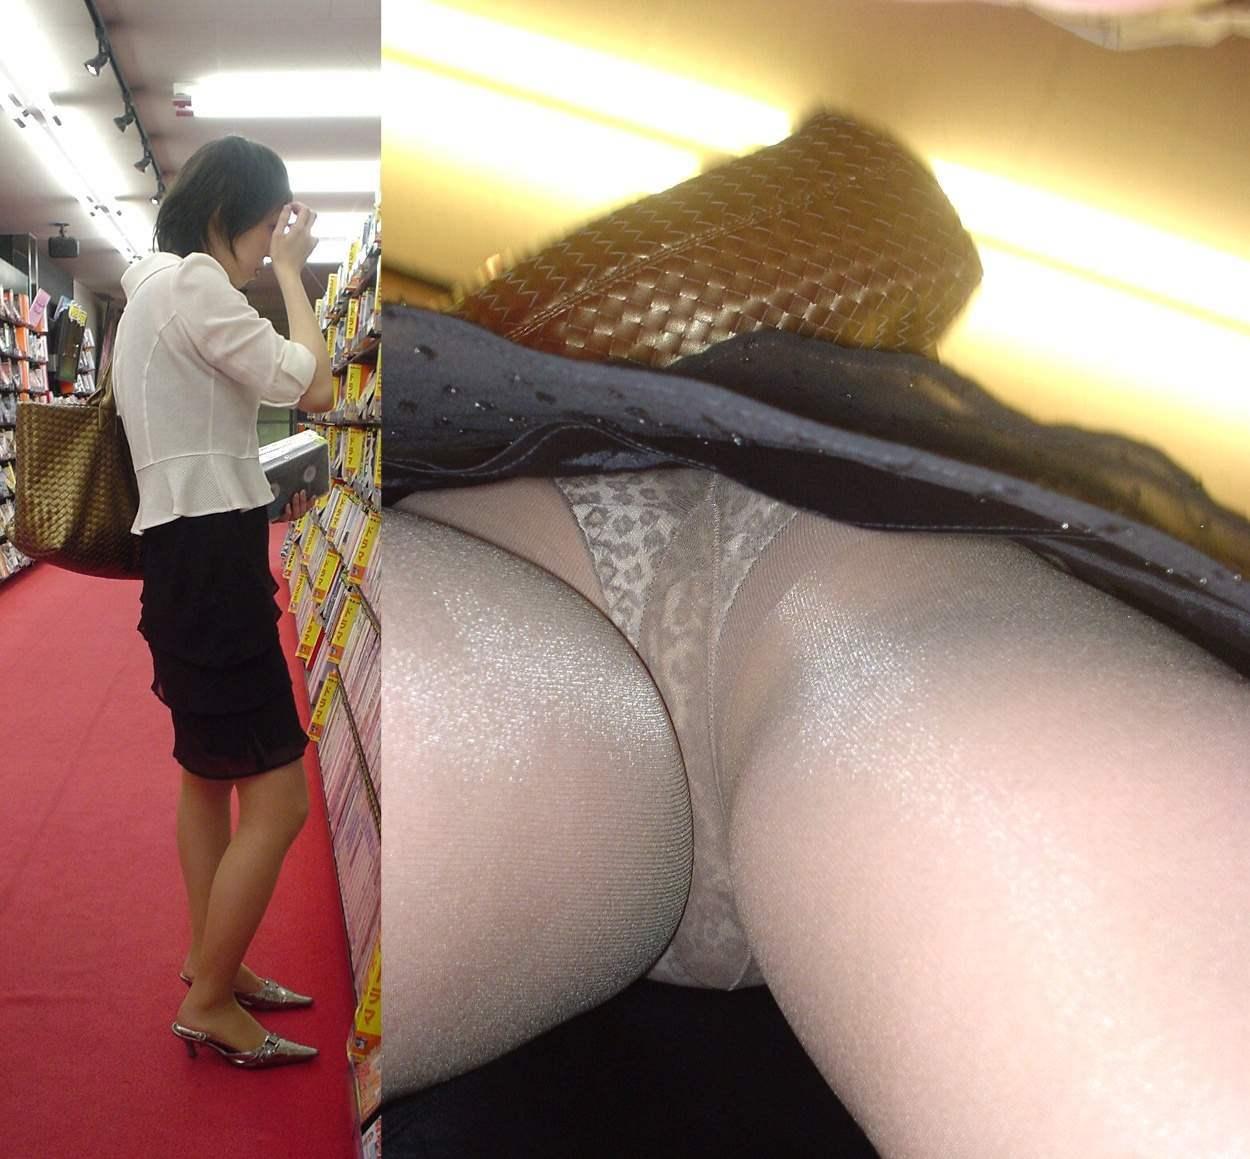 【パンチラエロ画像】下着と一緒に雌の香りもその中に…パンスト逆さ撮りwww 02